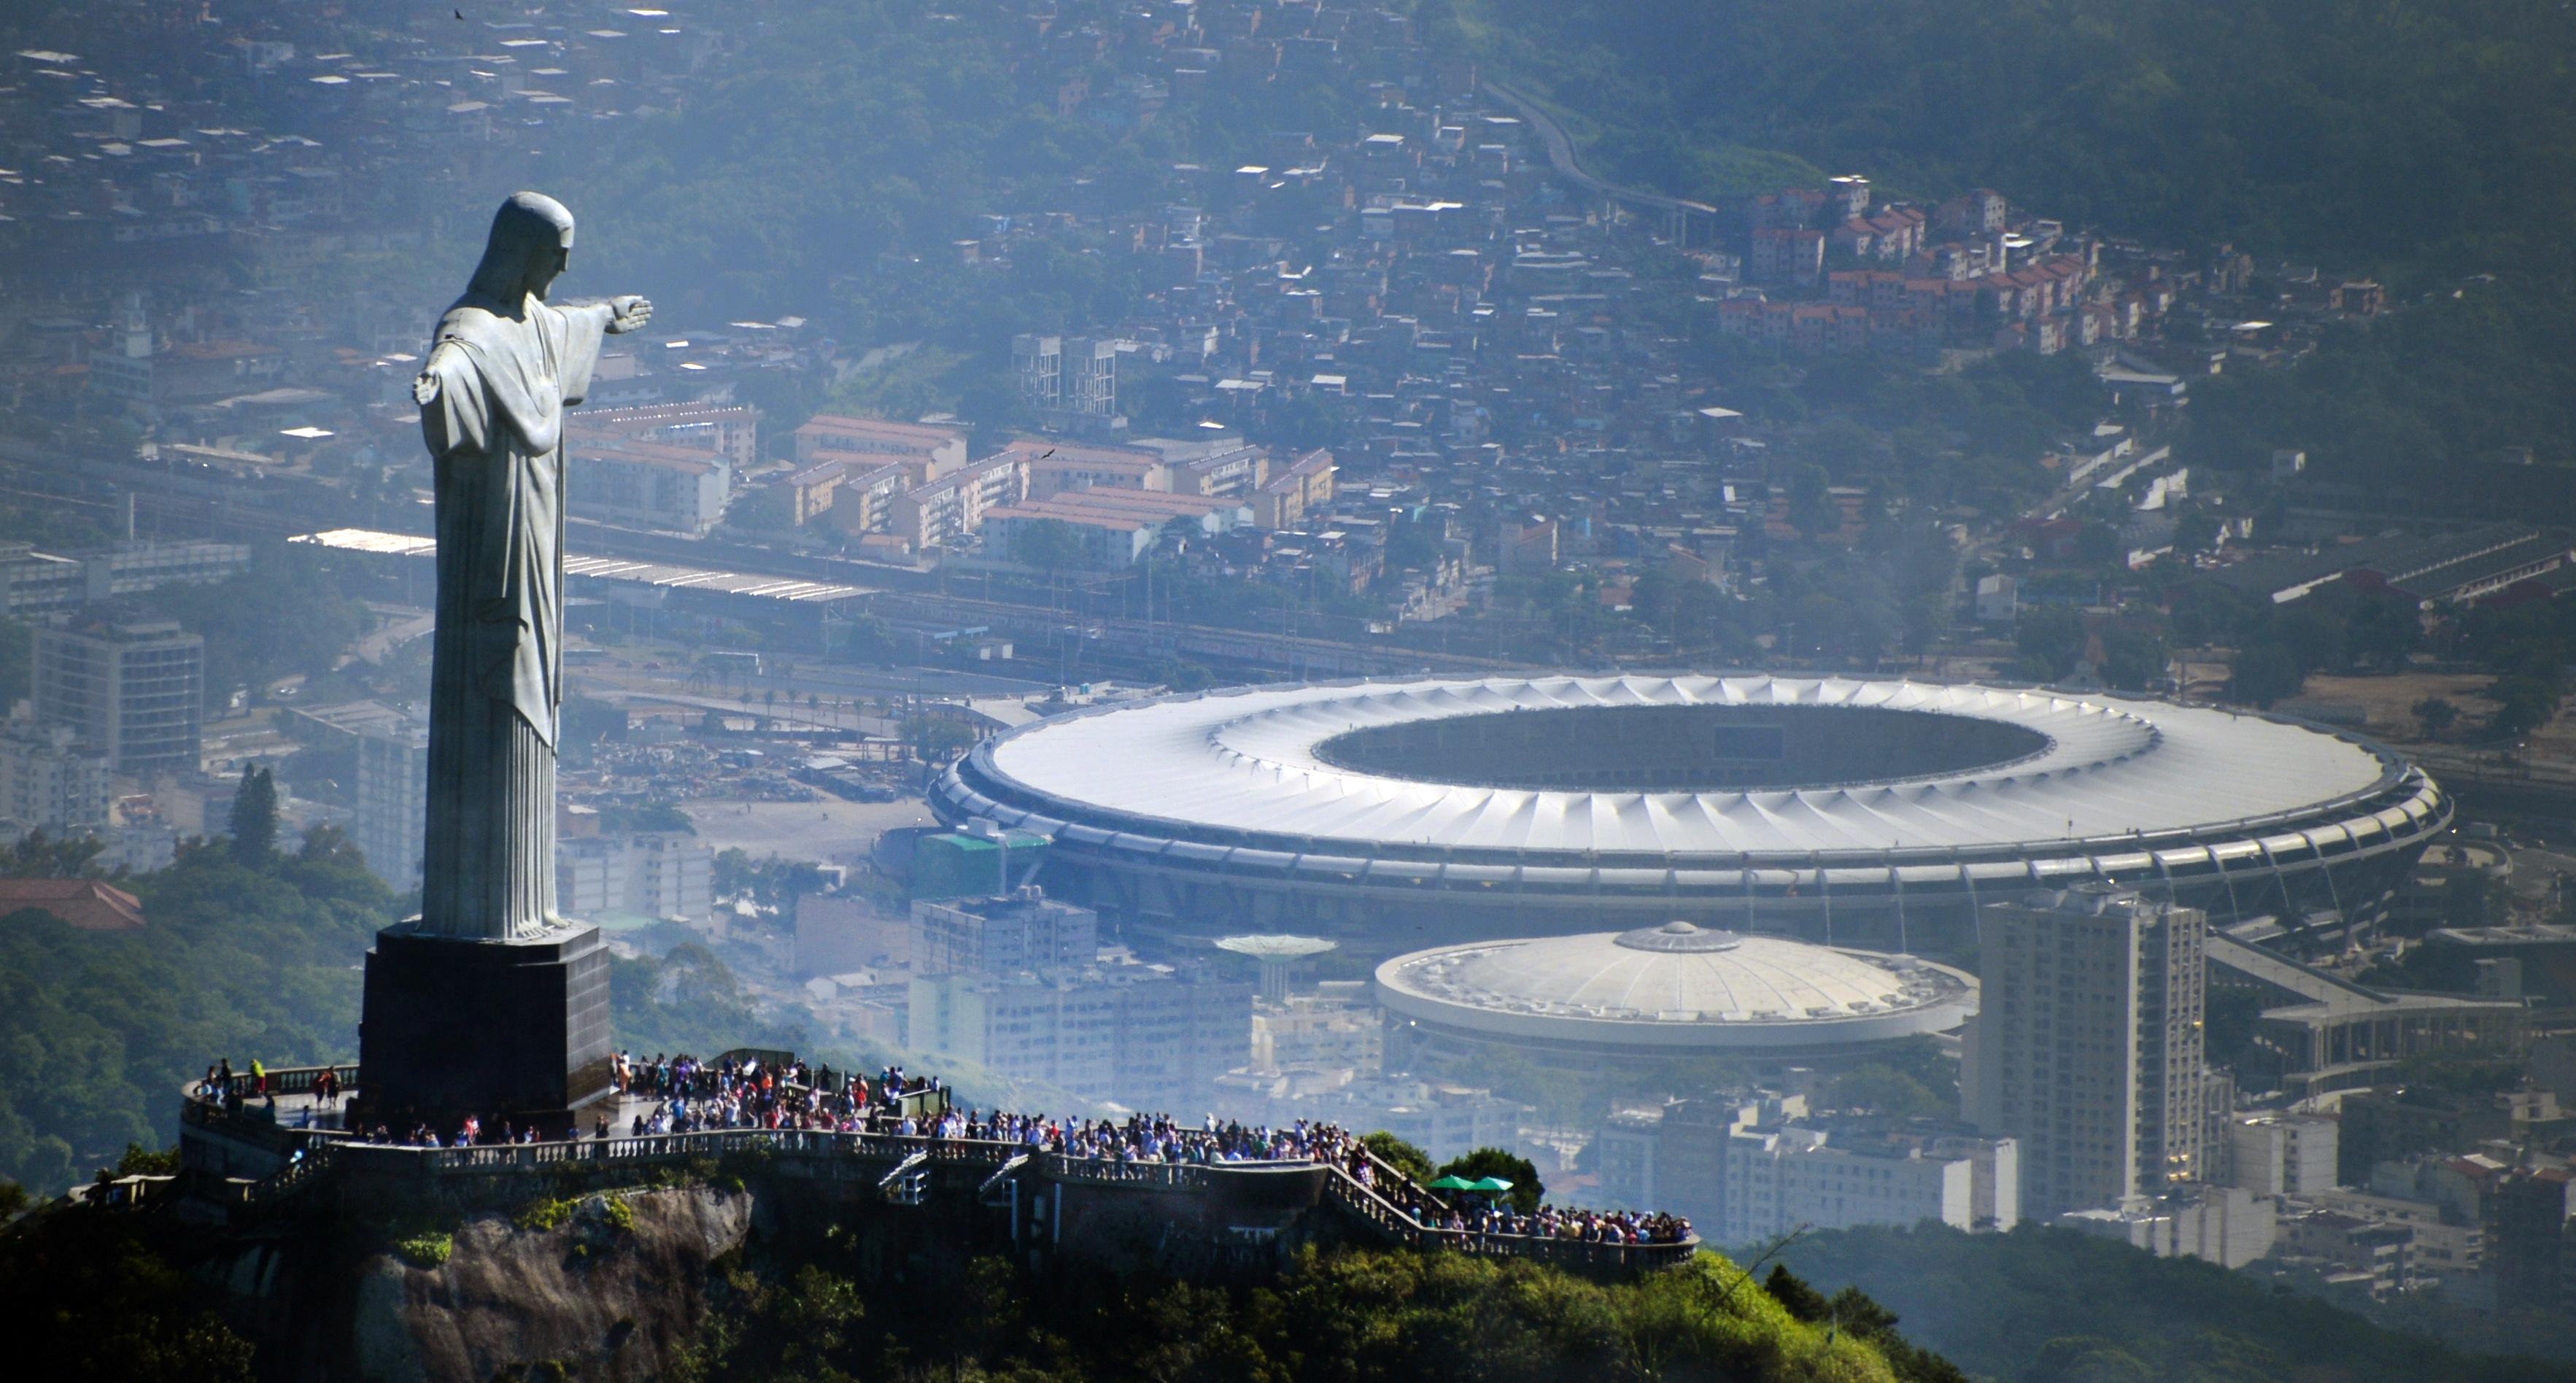 Daños en las instalaciones de los Juegos Olímpicos